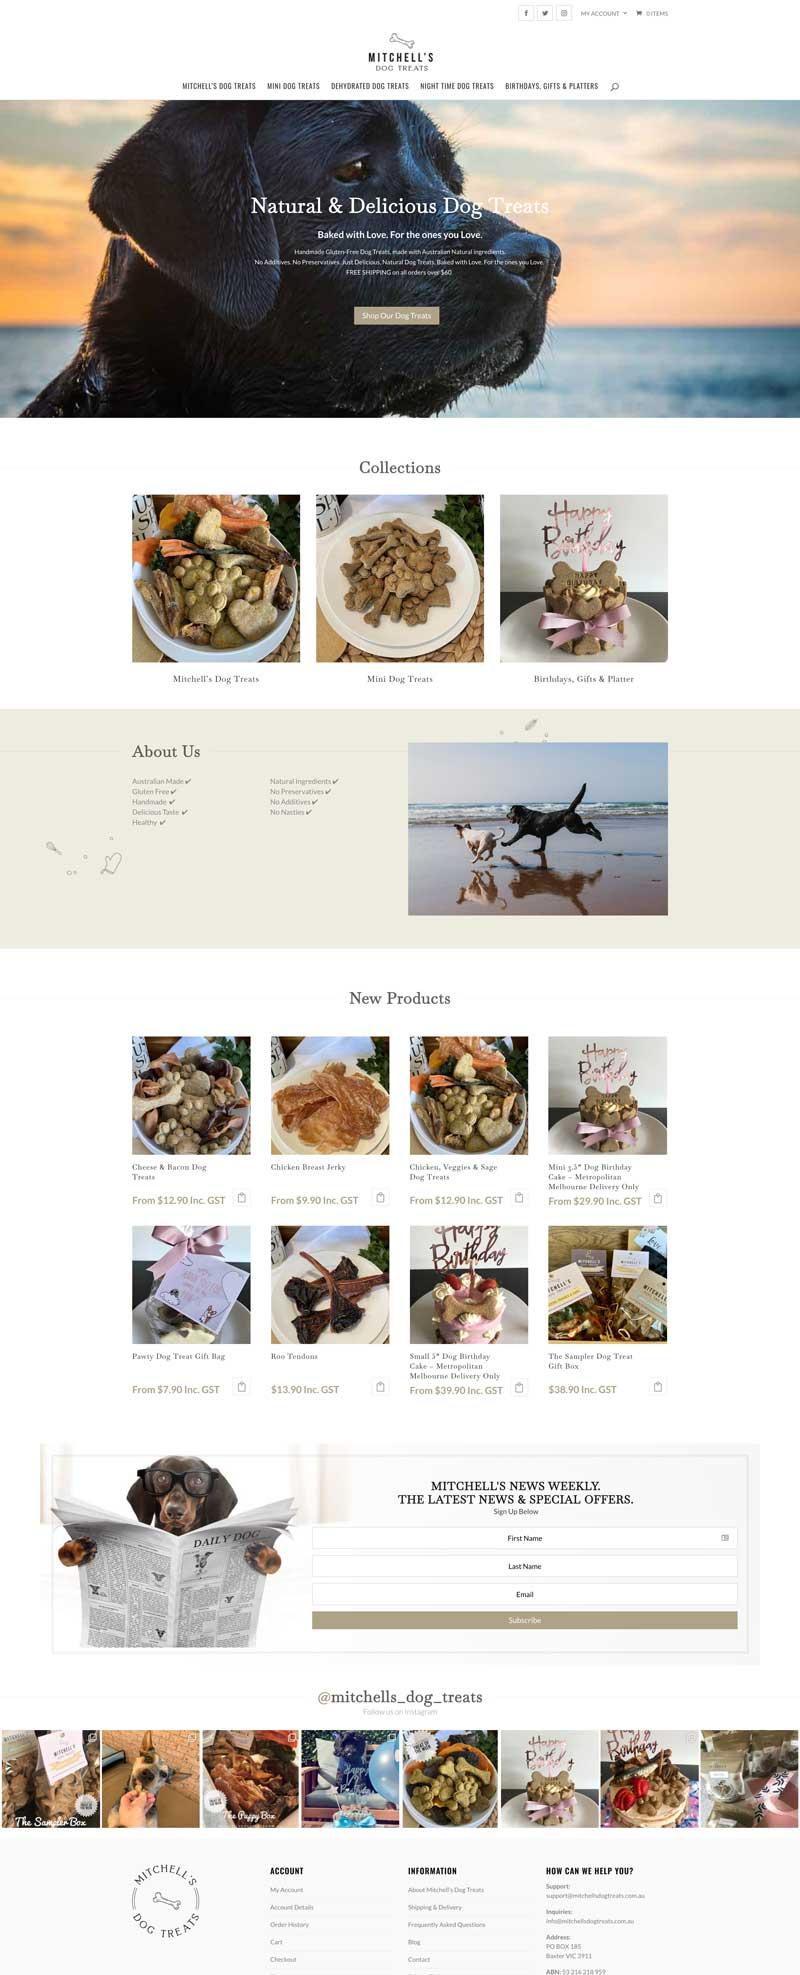 mitchells dog treats homepage.